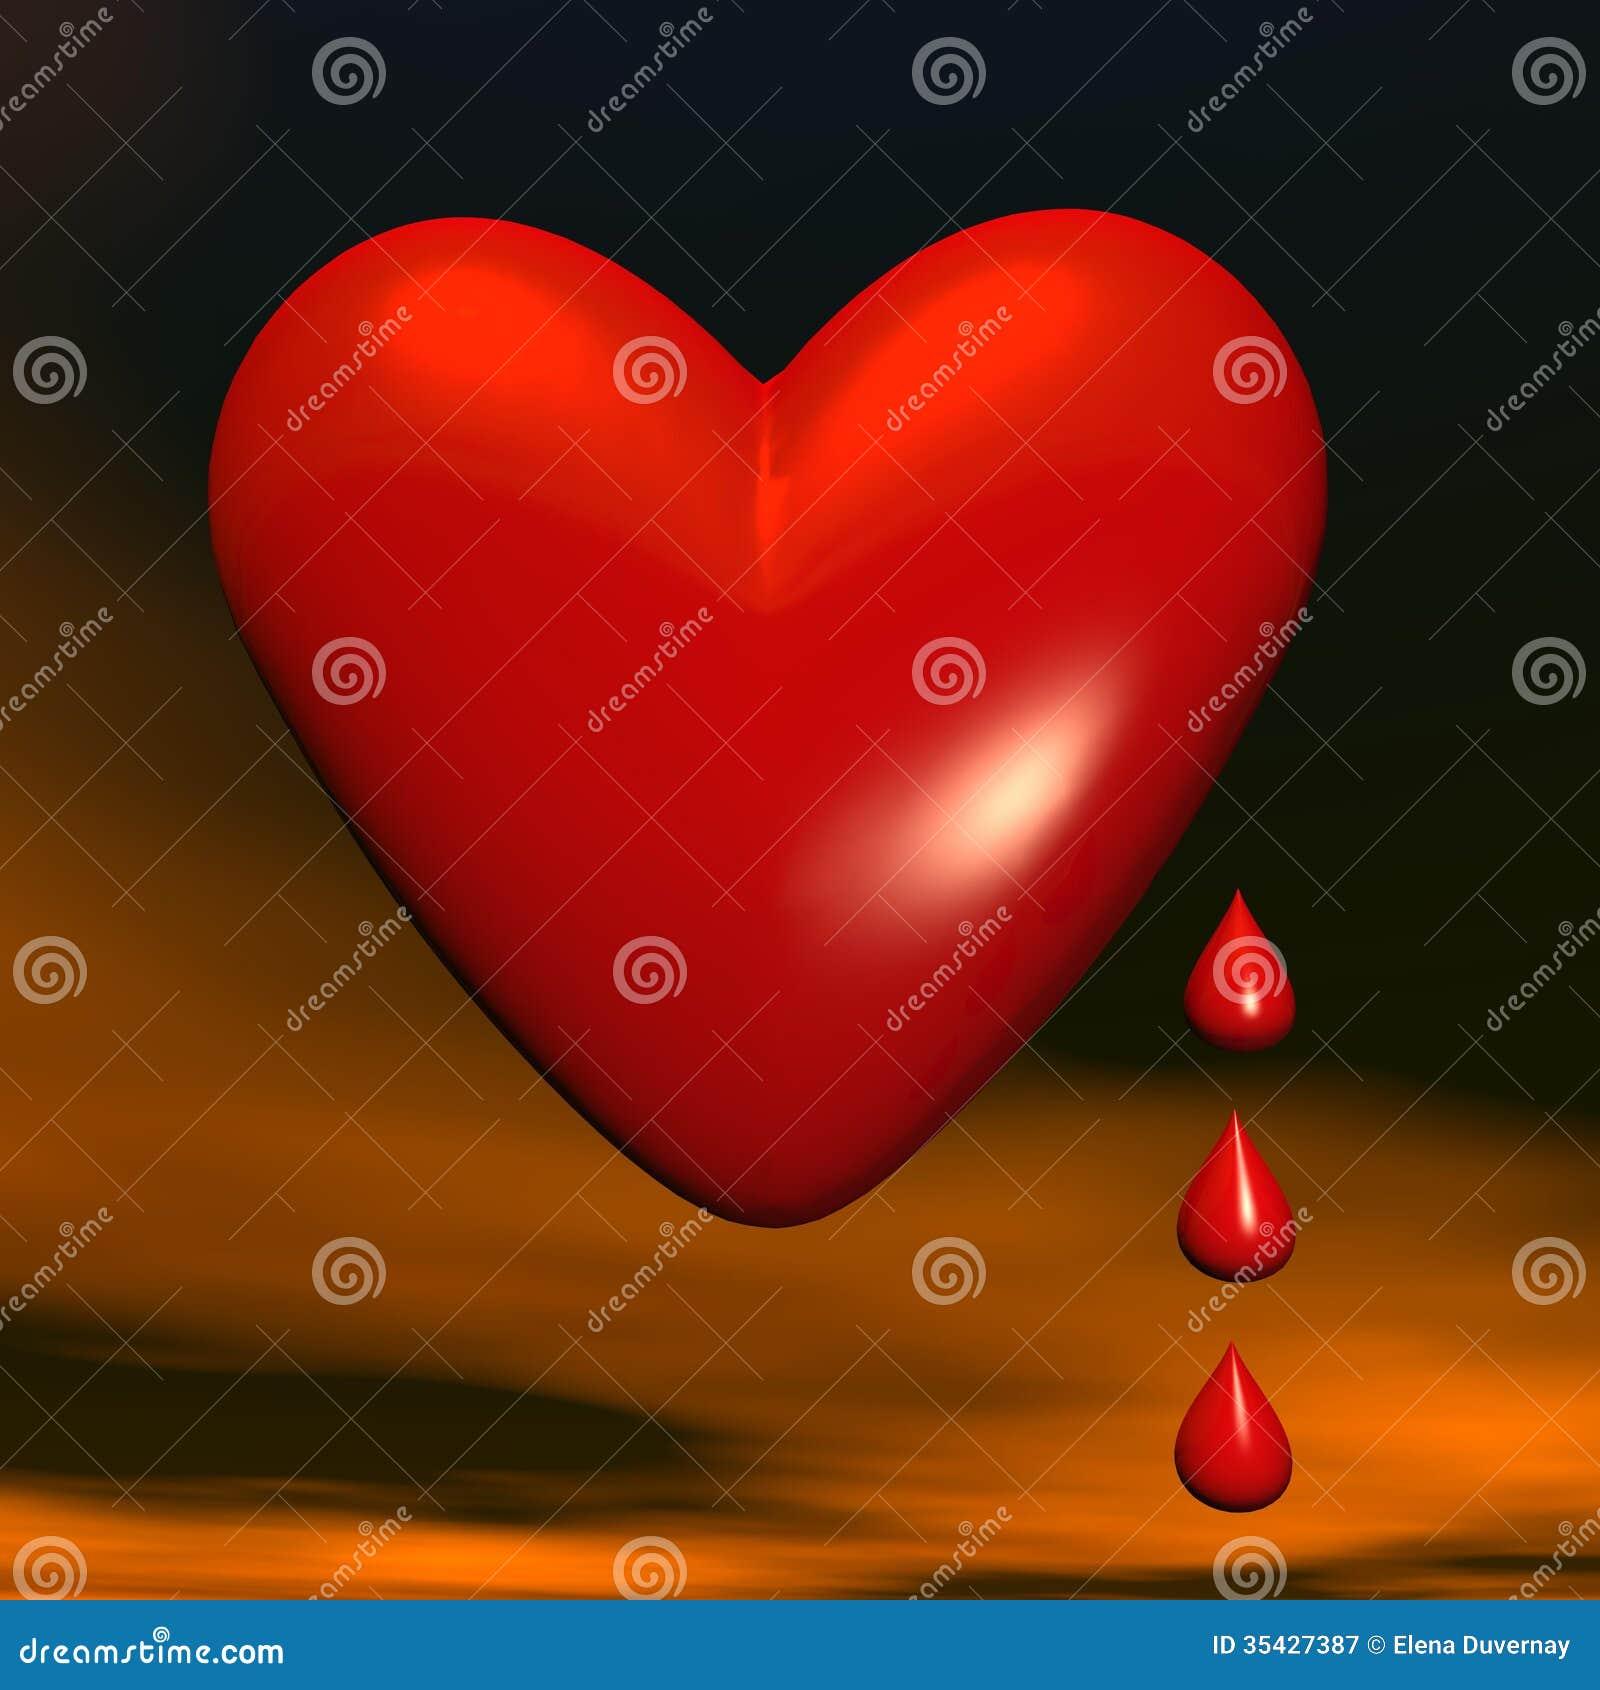 Trauriges Herz Oder Geben Blut - 11D übertragen Stock Abbildung ...